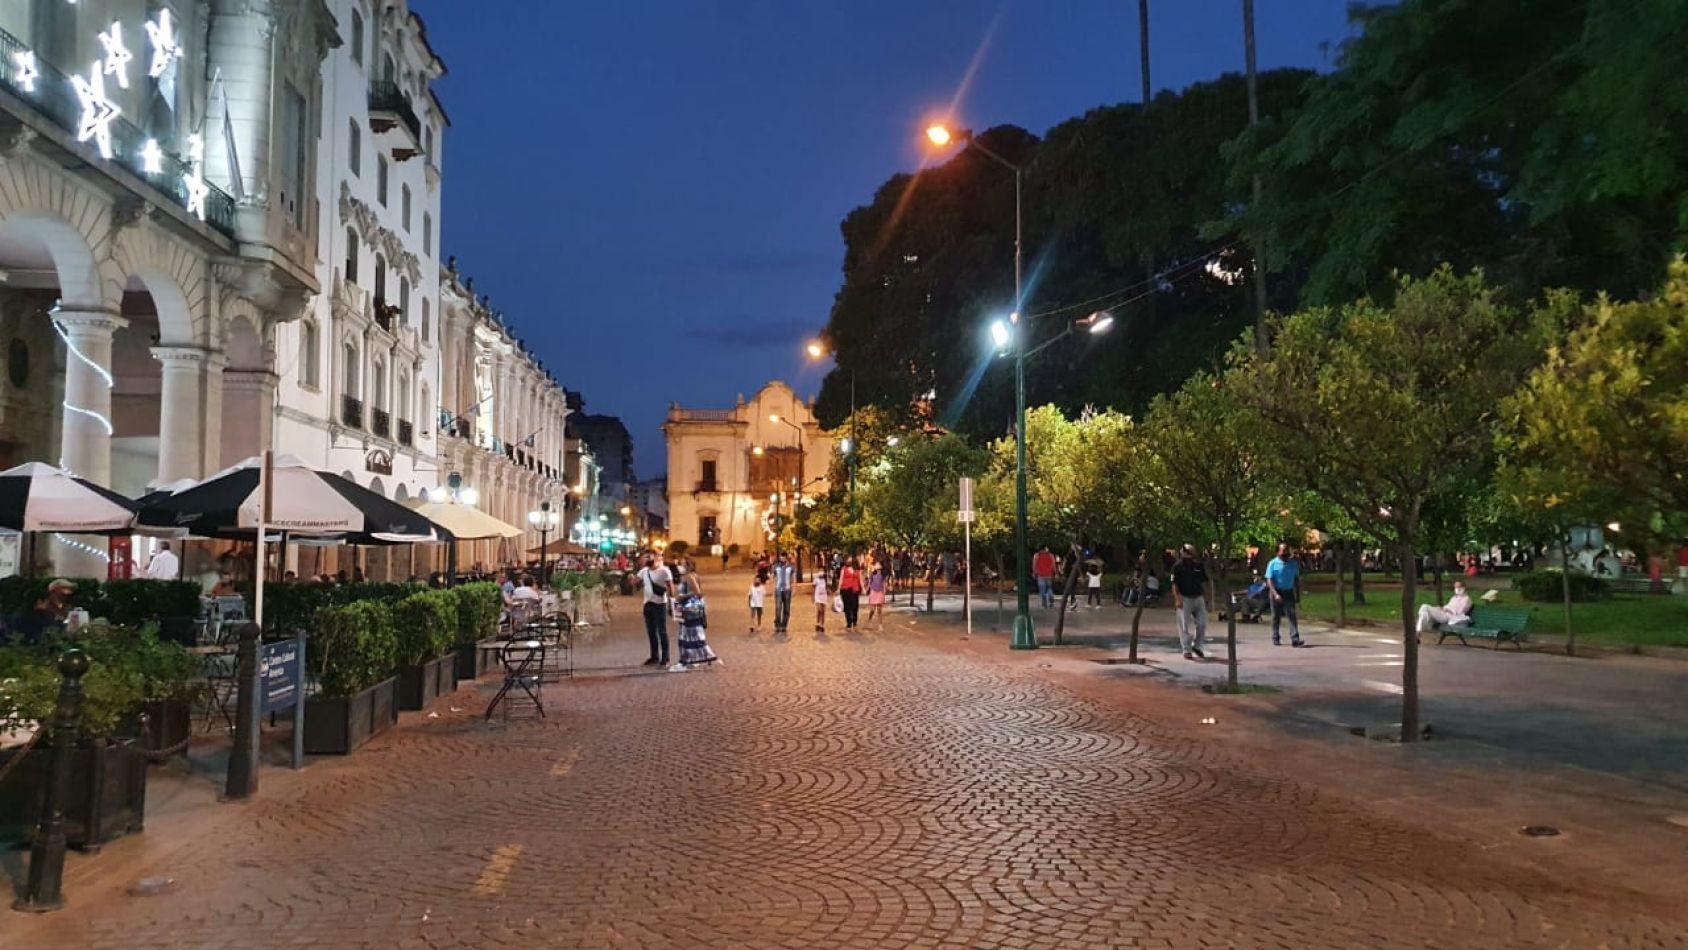 Plaza 9 de Julio vacía sin turistas